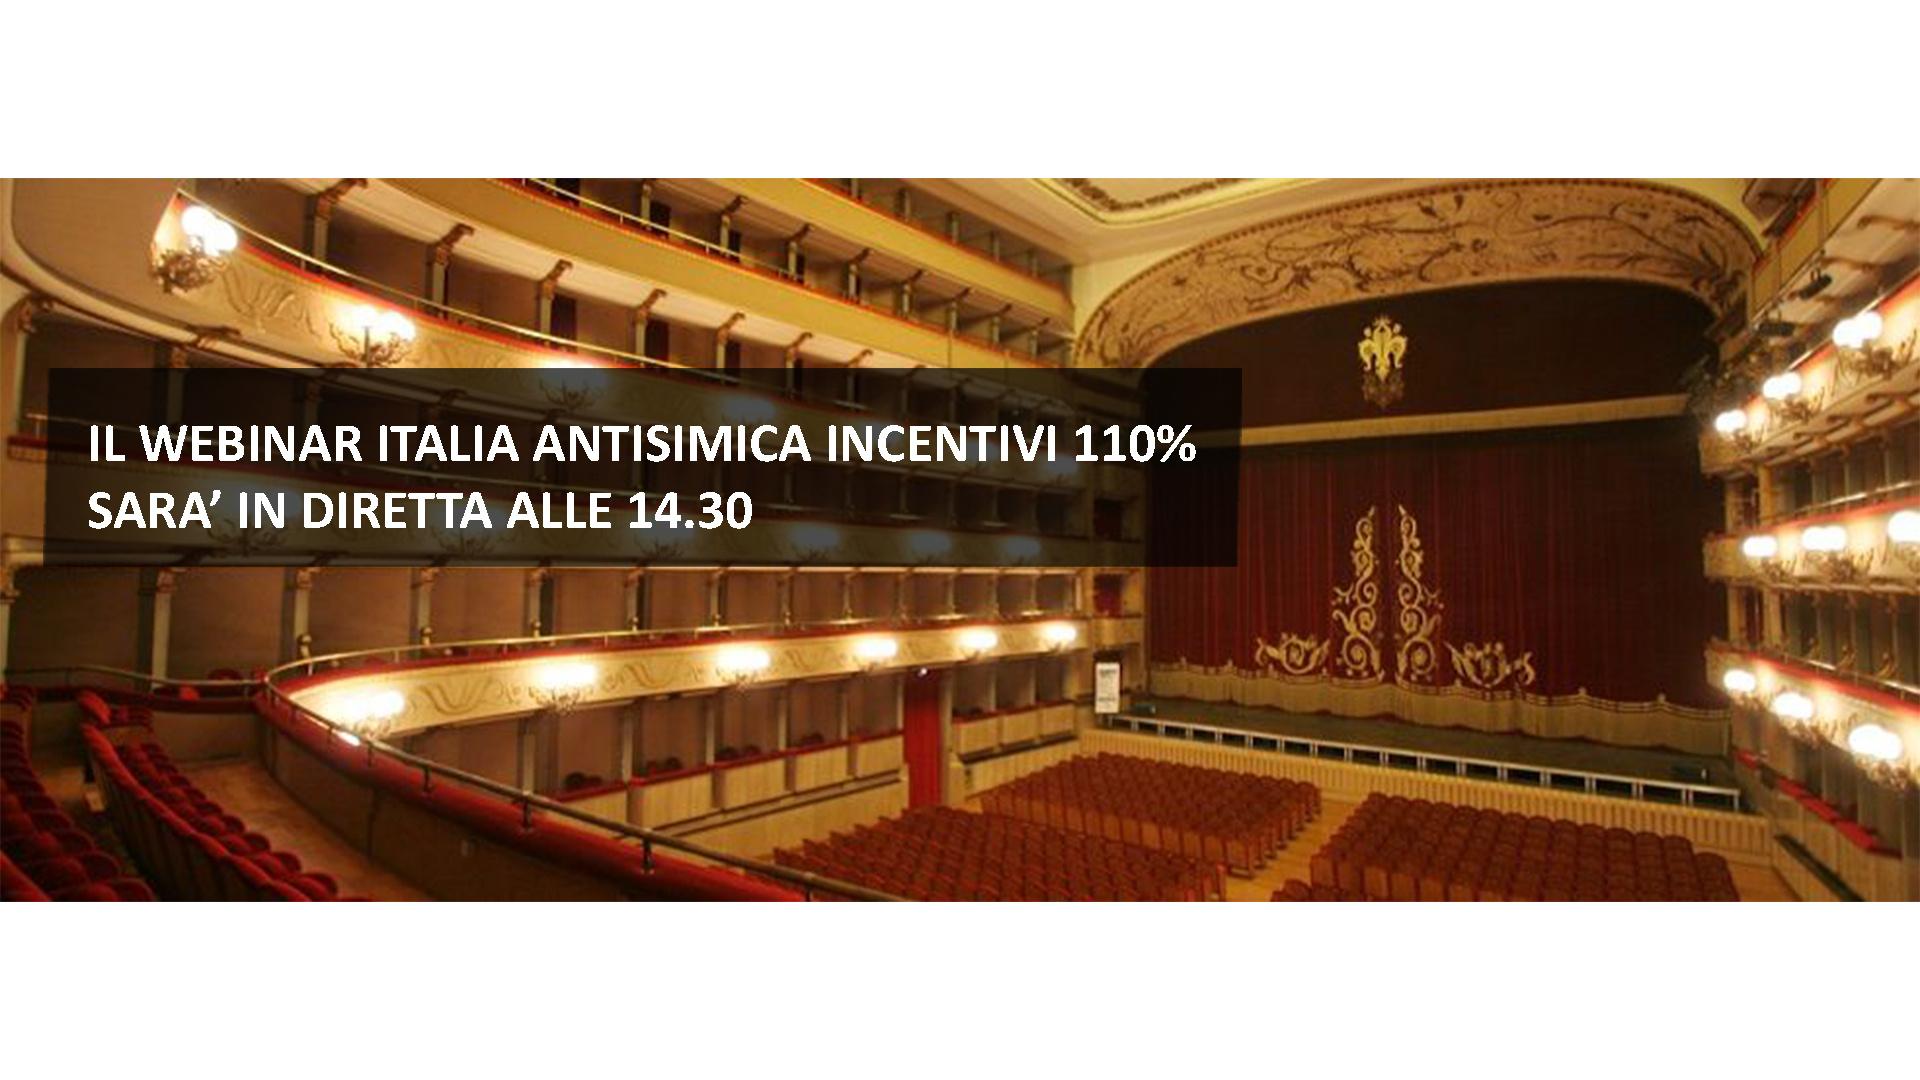 ITALIA ANTISISMICA- INCENTIVI 110% DIMENSIONI DEL MERCATO TOSCANO ABACO DELLE TECNOLOGIE DISPONIBILI